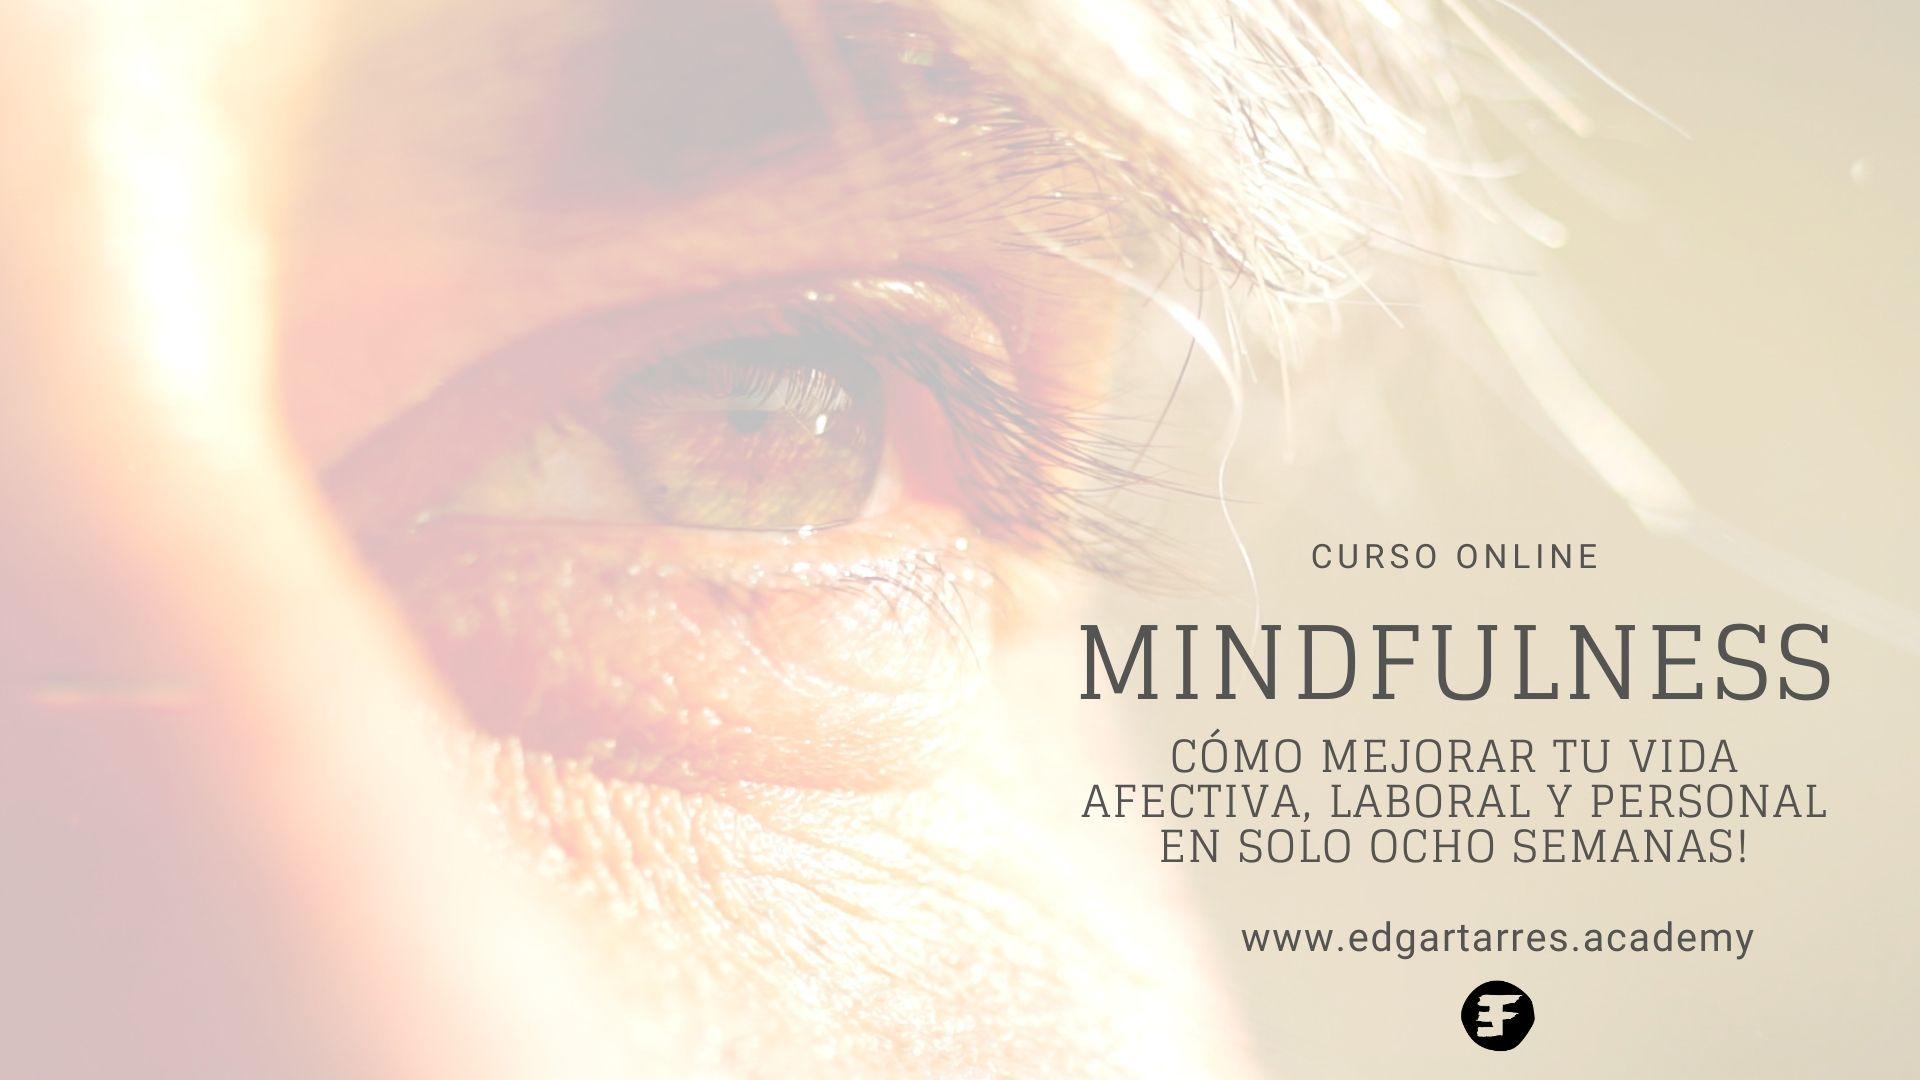 curso online mindfulness como mejorar tu vida afectiva, laboral y personal en solo ocho semanas